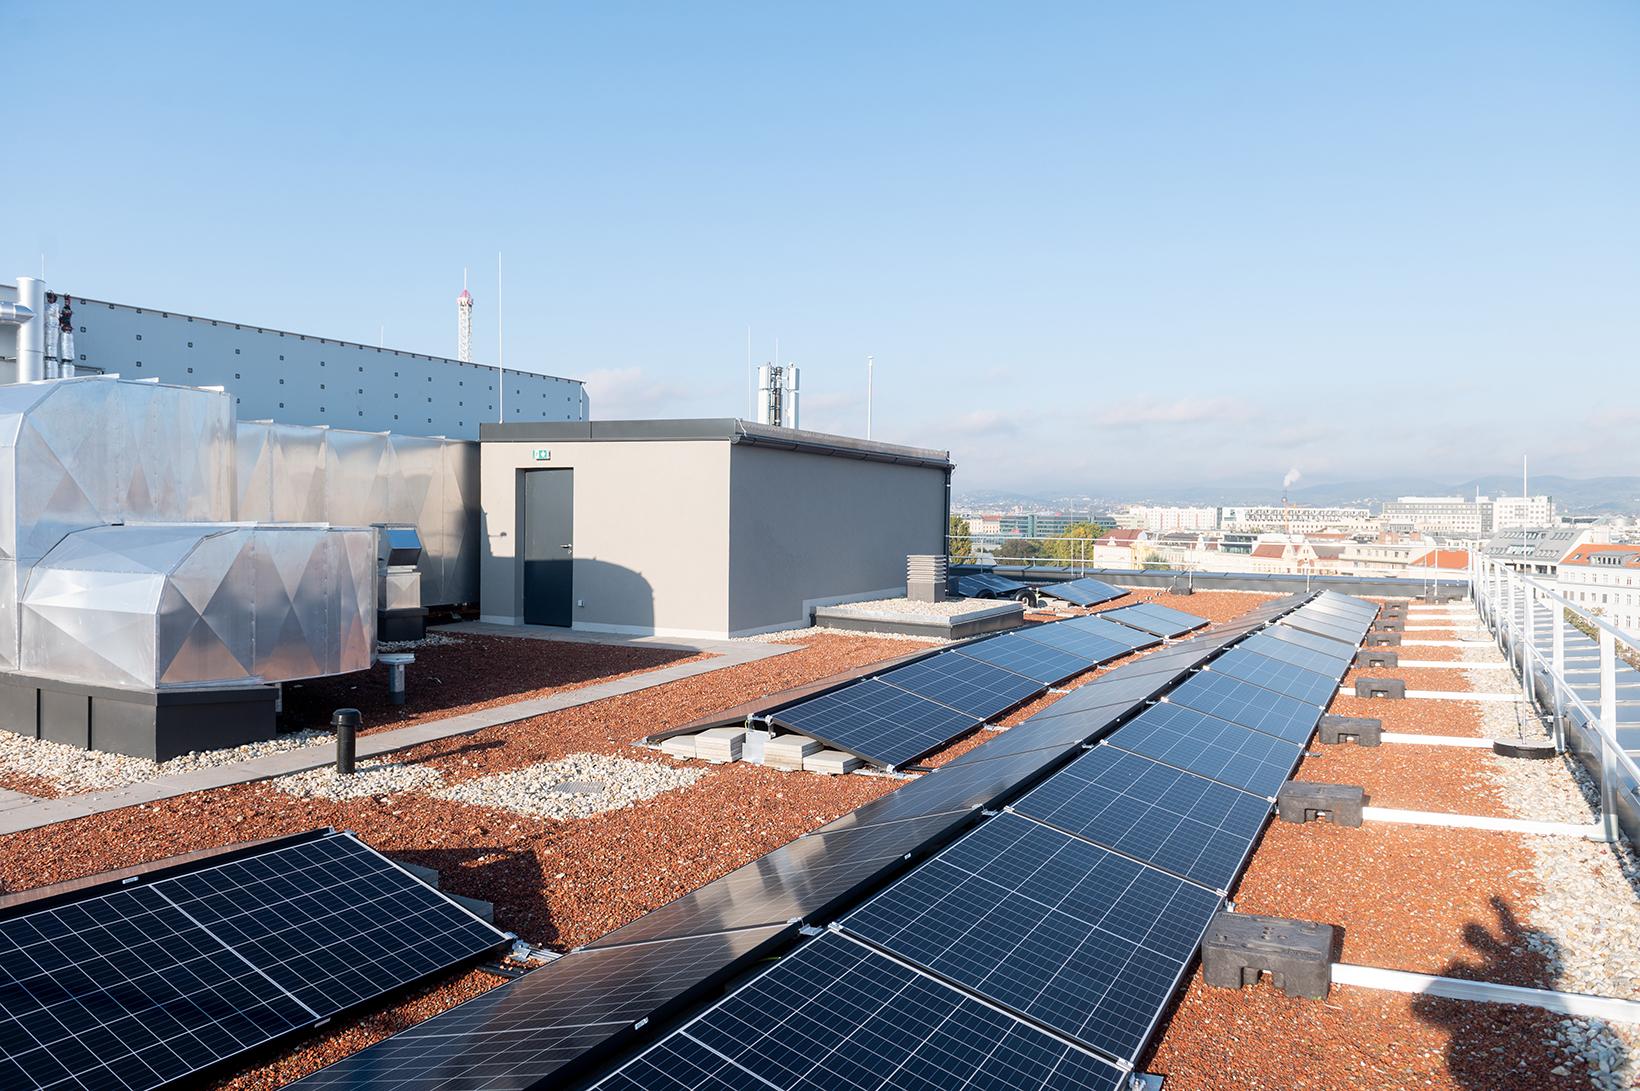 Fotovoltaik-Anlage Gebäude AR (c) Fotostudio August Lechner